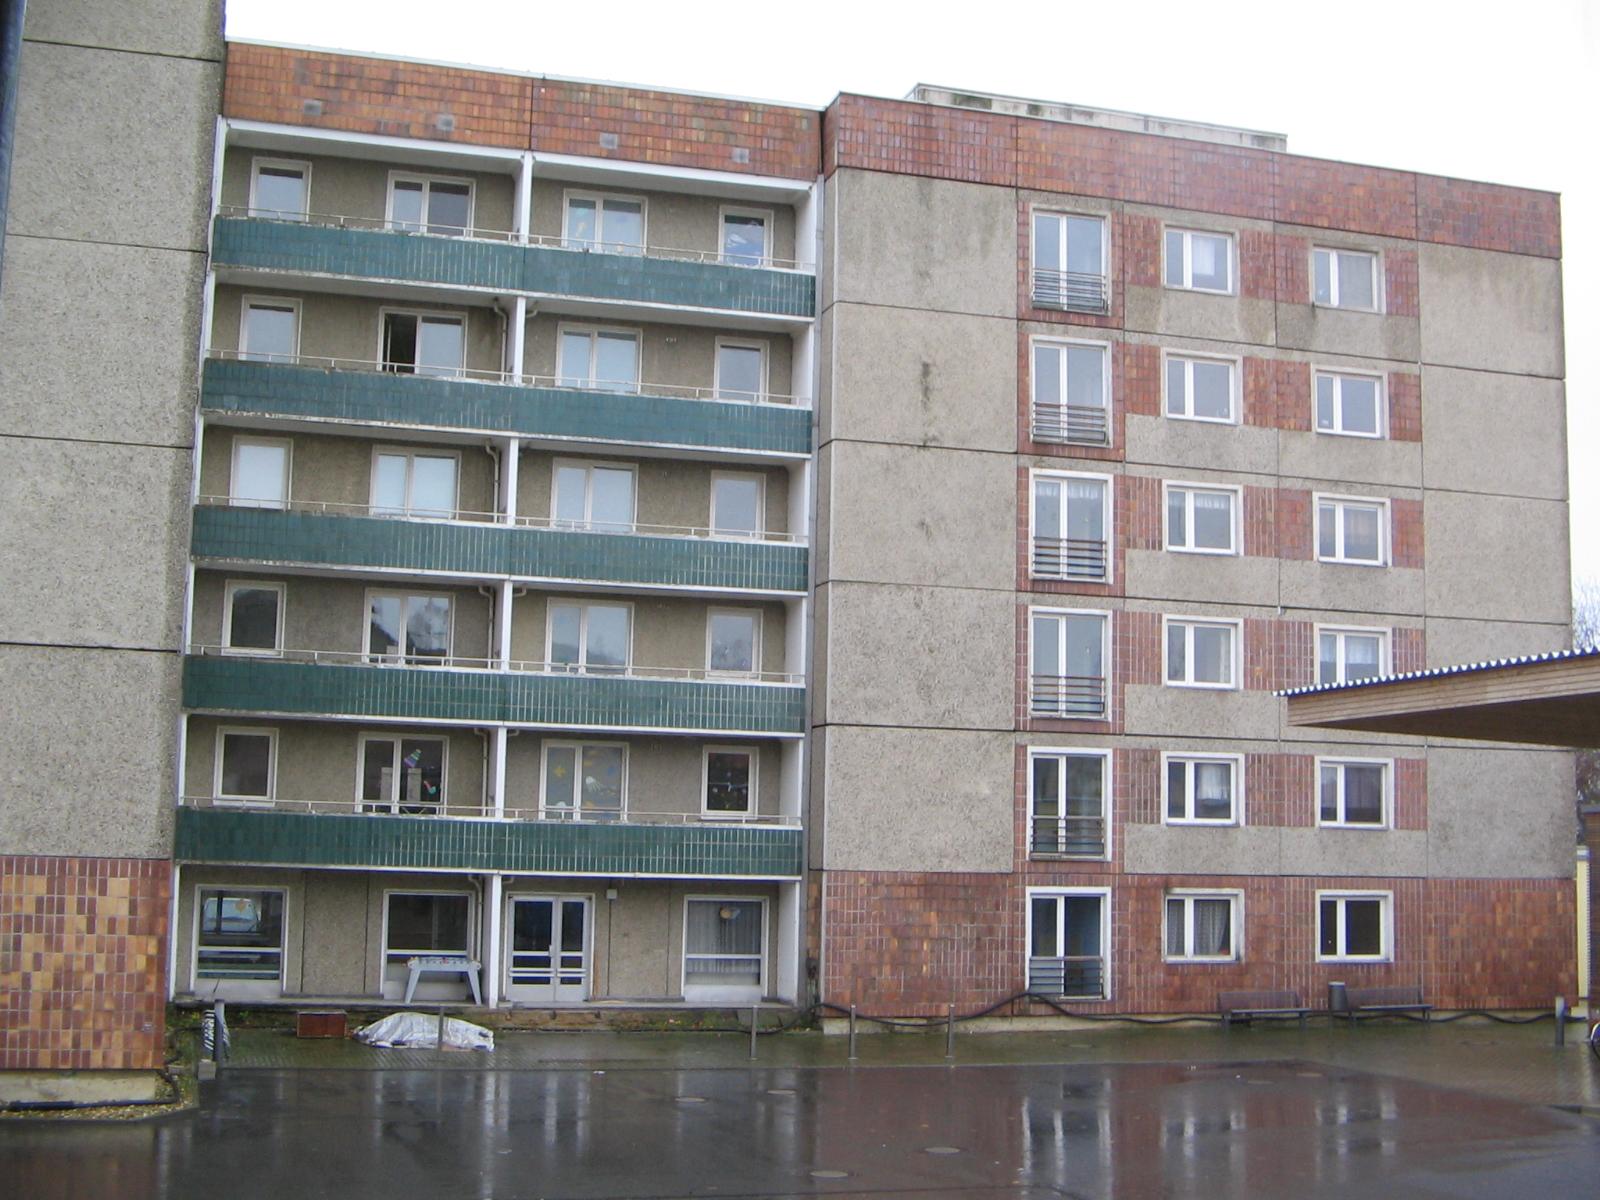 dillinger-str-2-wohnheim-1-vorher